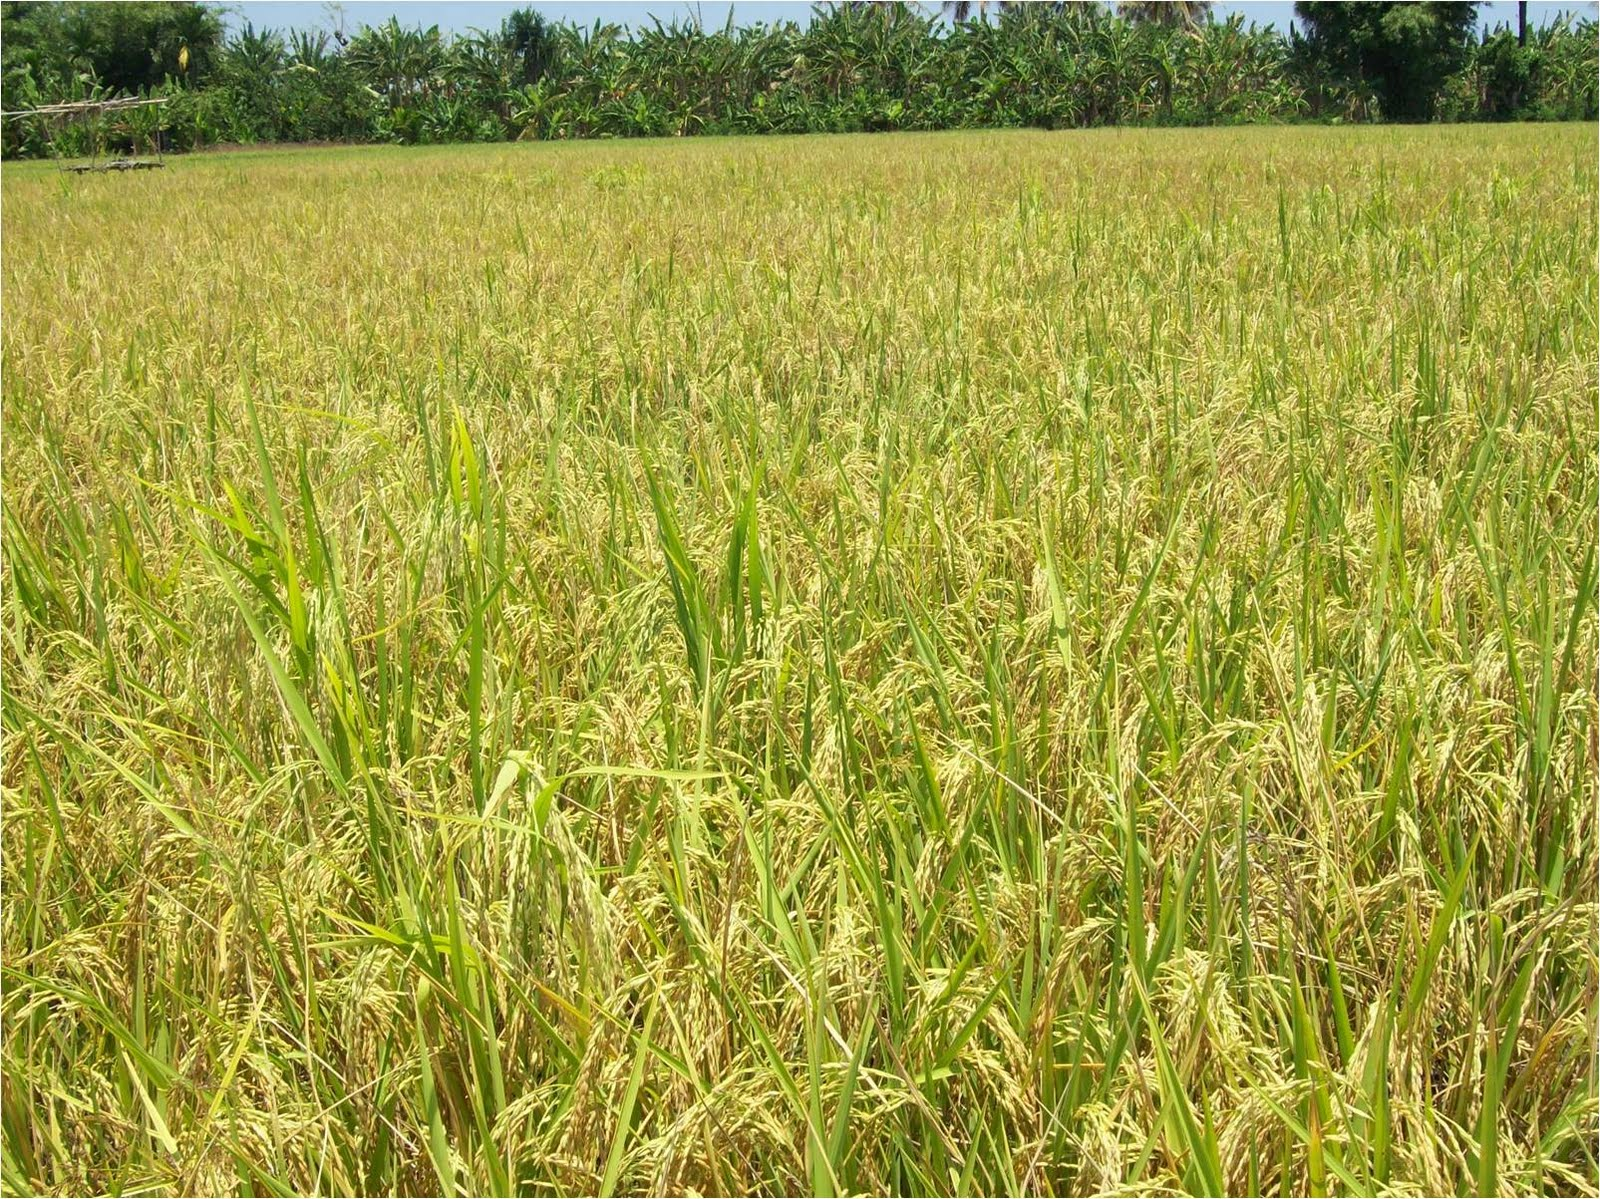 Elsar Nagekeo Institut Potensi Pertanian Perkebunan Dan Kehutanan